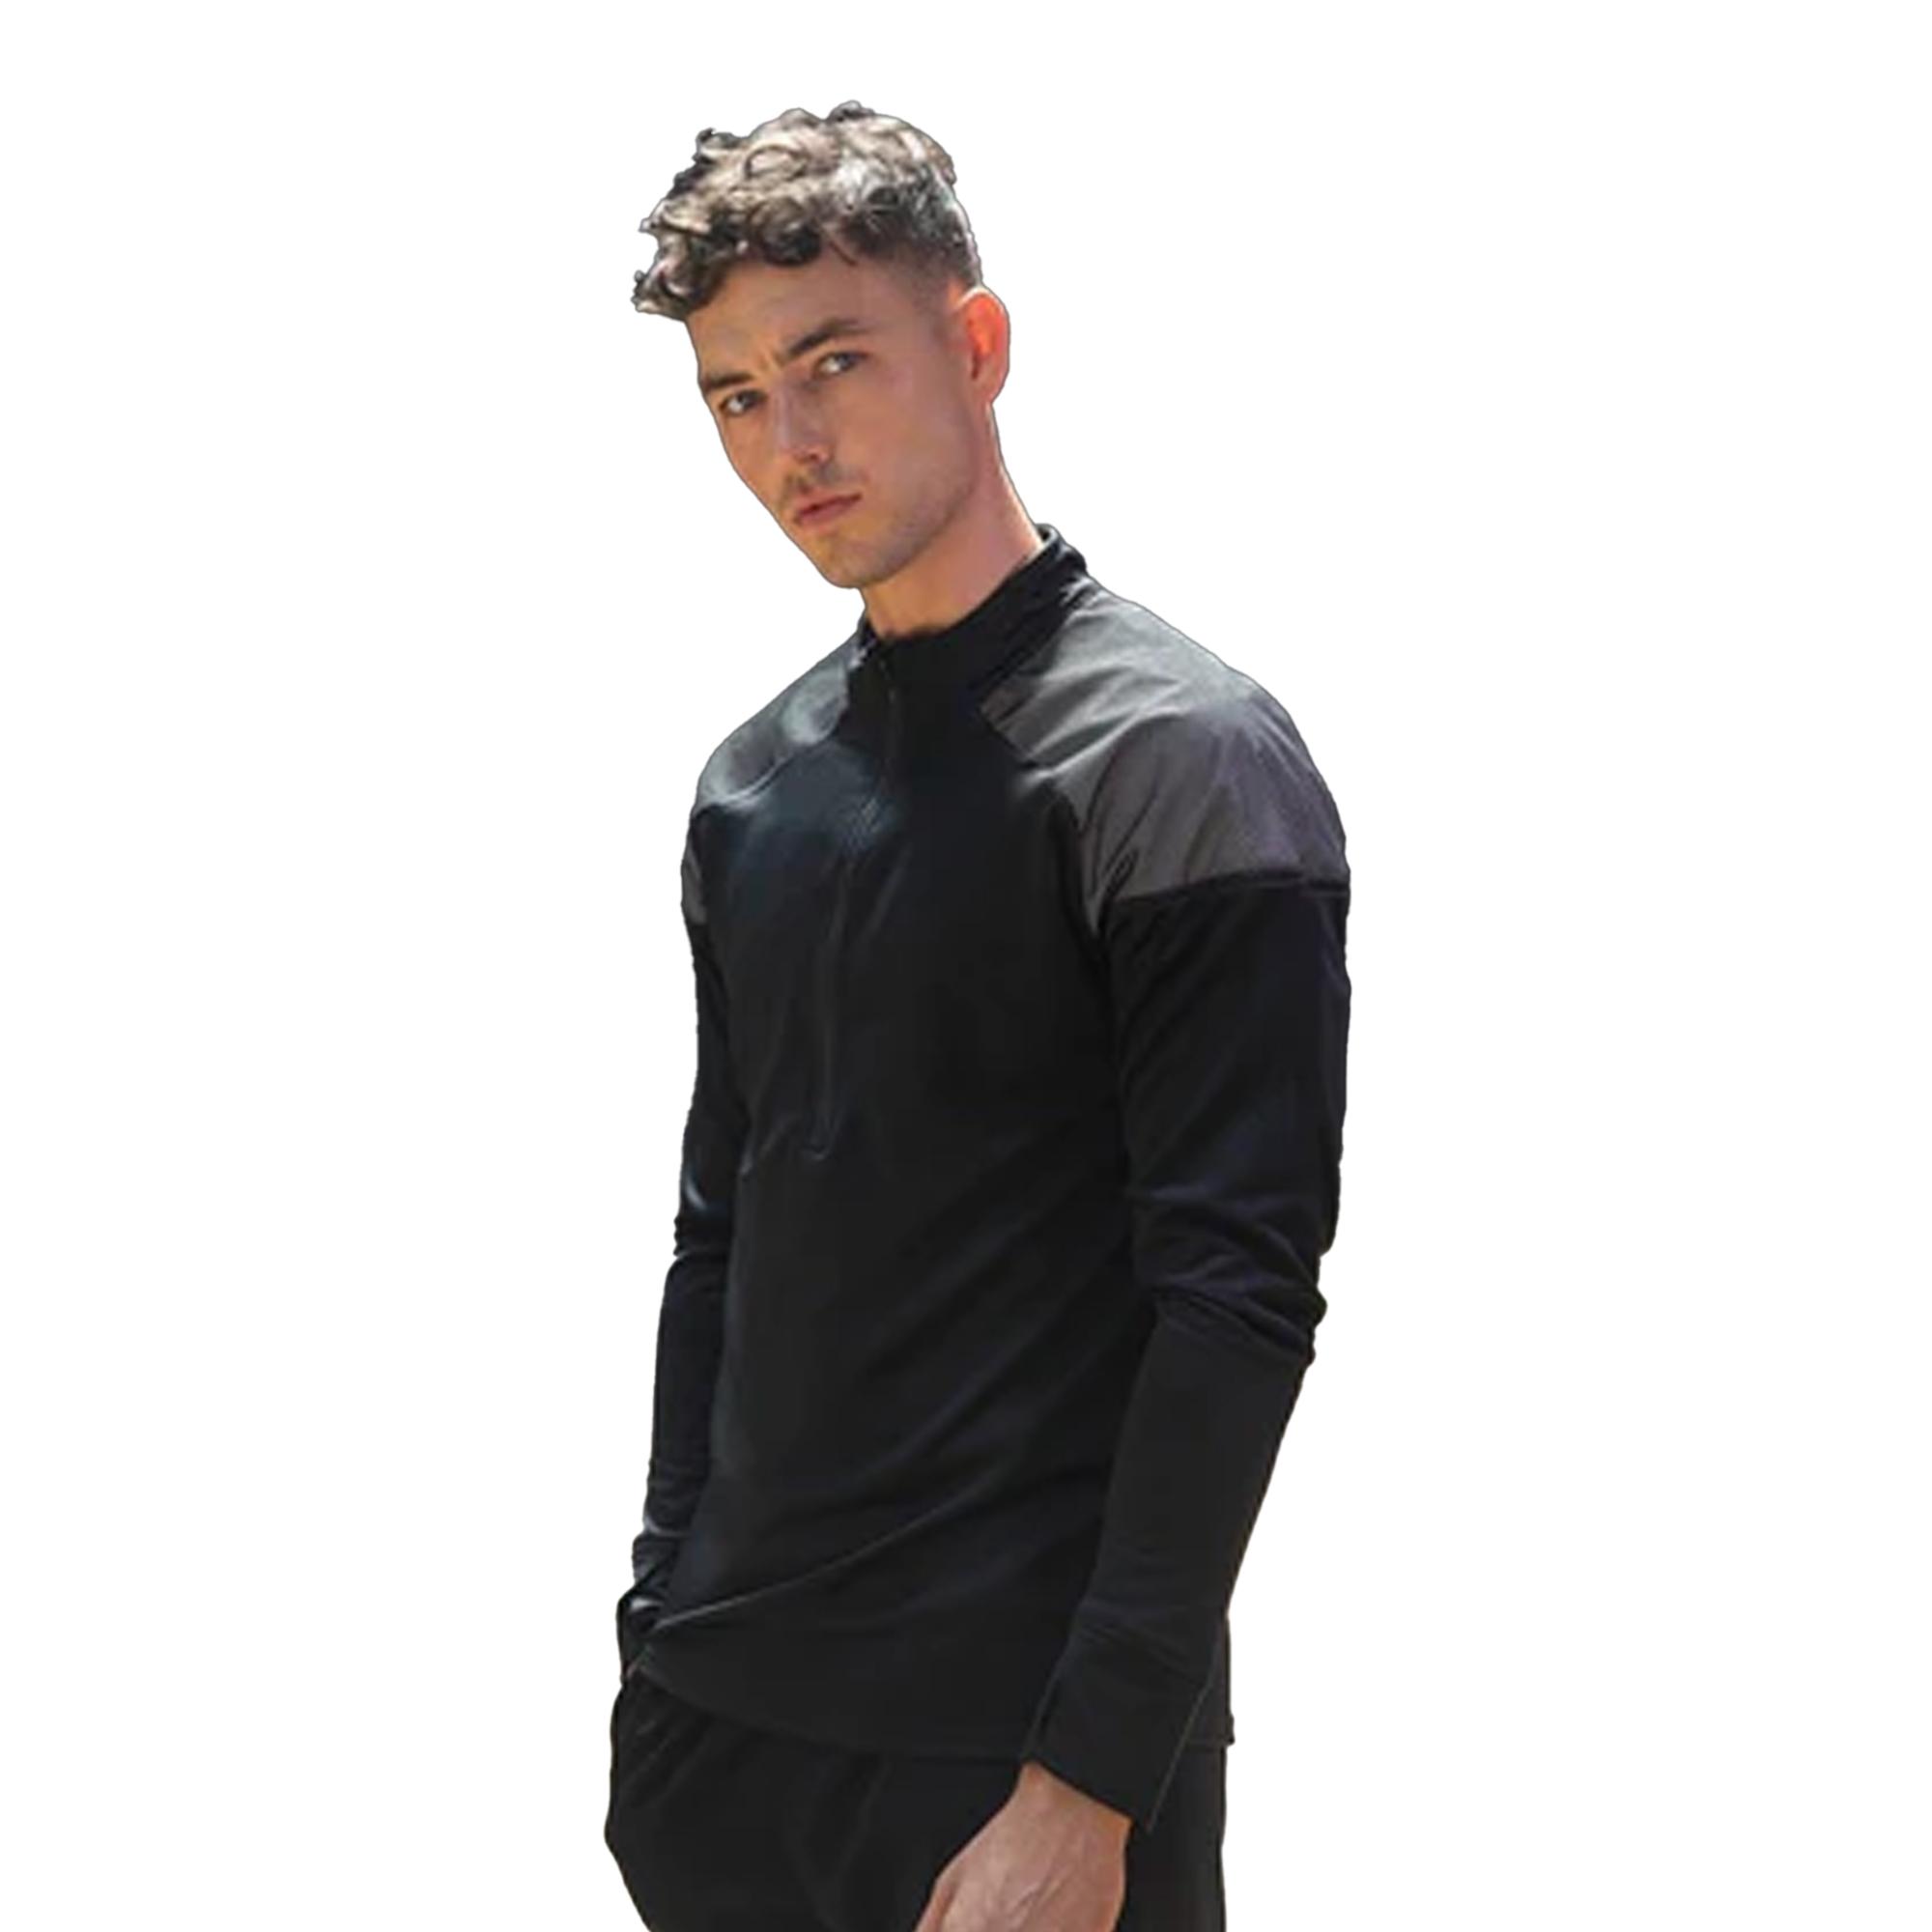 Tombo-Camiseta-reflectante-de-manga-larga-con-cremallera-1-4-para-hombre